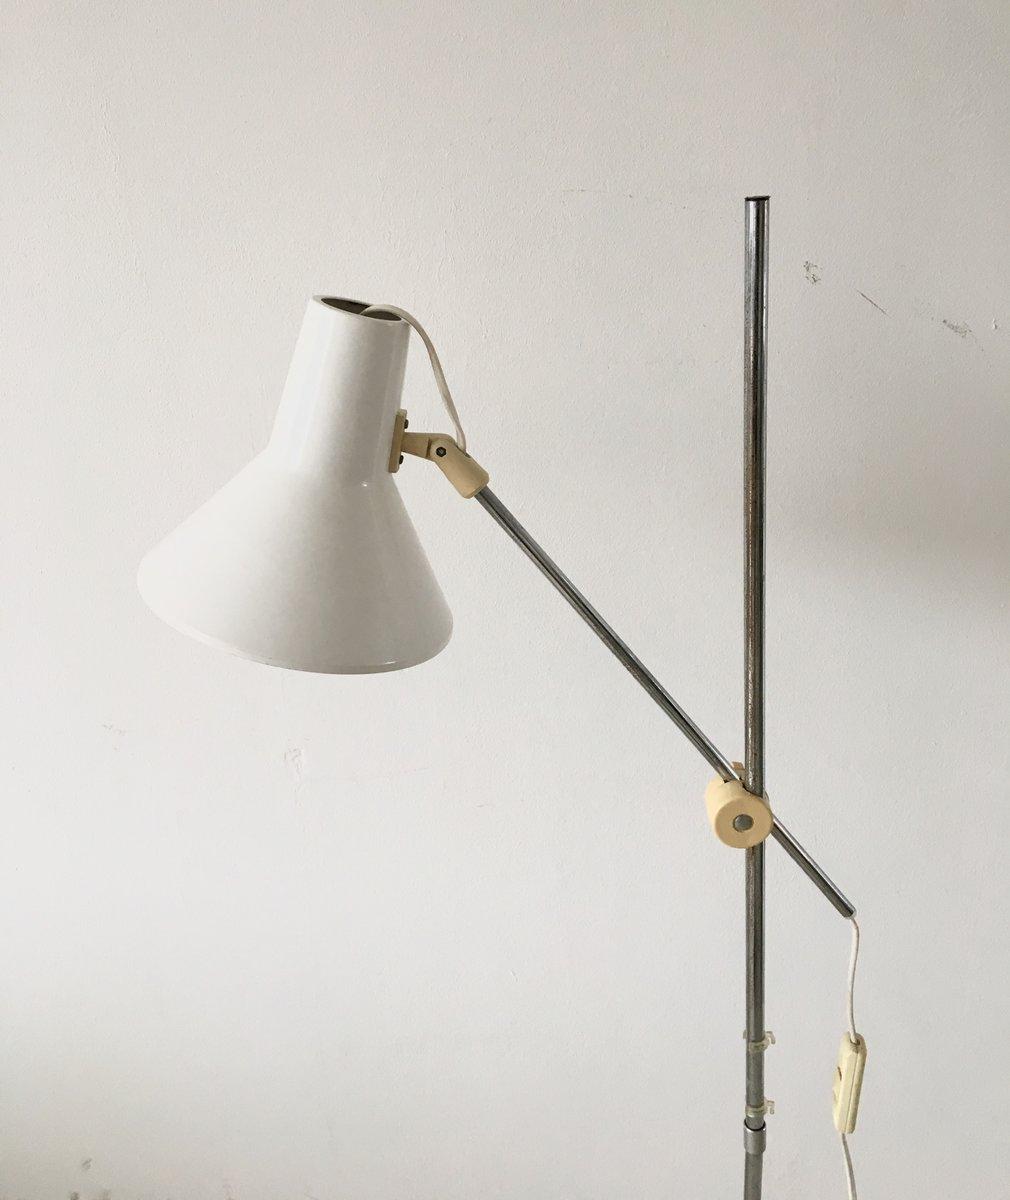 industrielle vintage stehlampe von ikea bei pamono kaufen. Black Bedroom Furniture Sets. Home Design Ideas